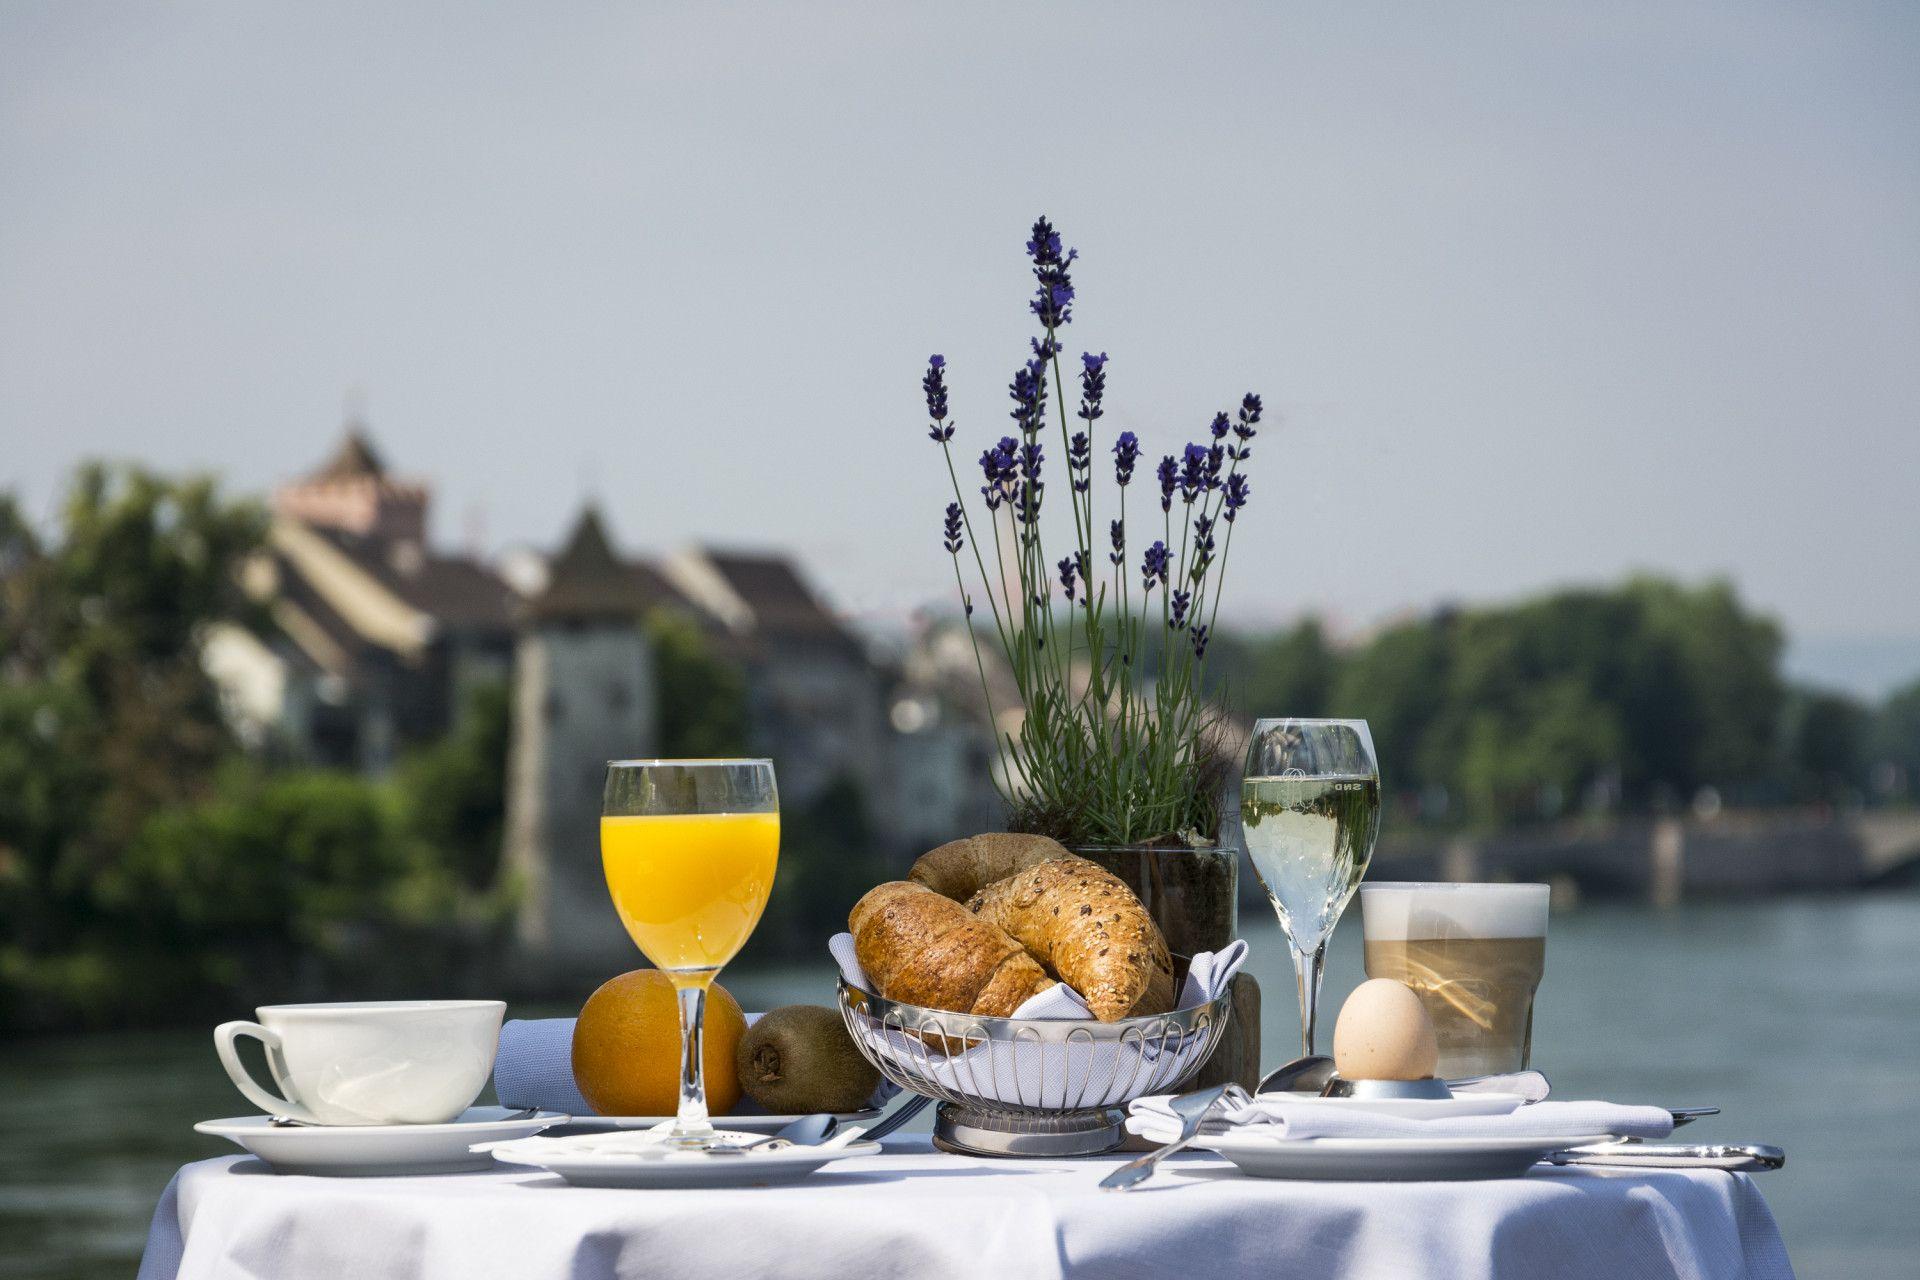 Tisch gedeckt mit Frühstück auf Rheinterrasse